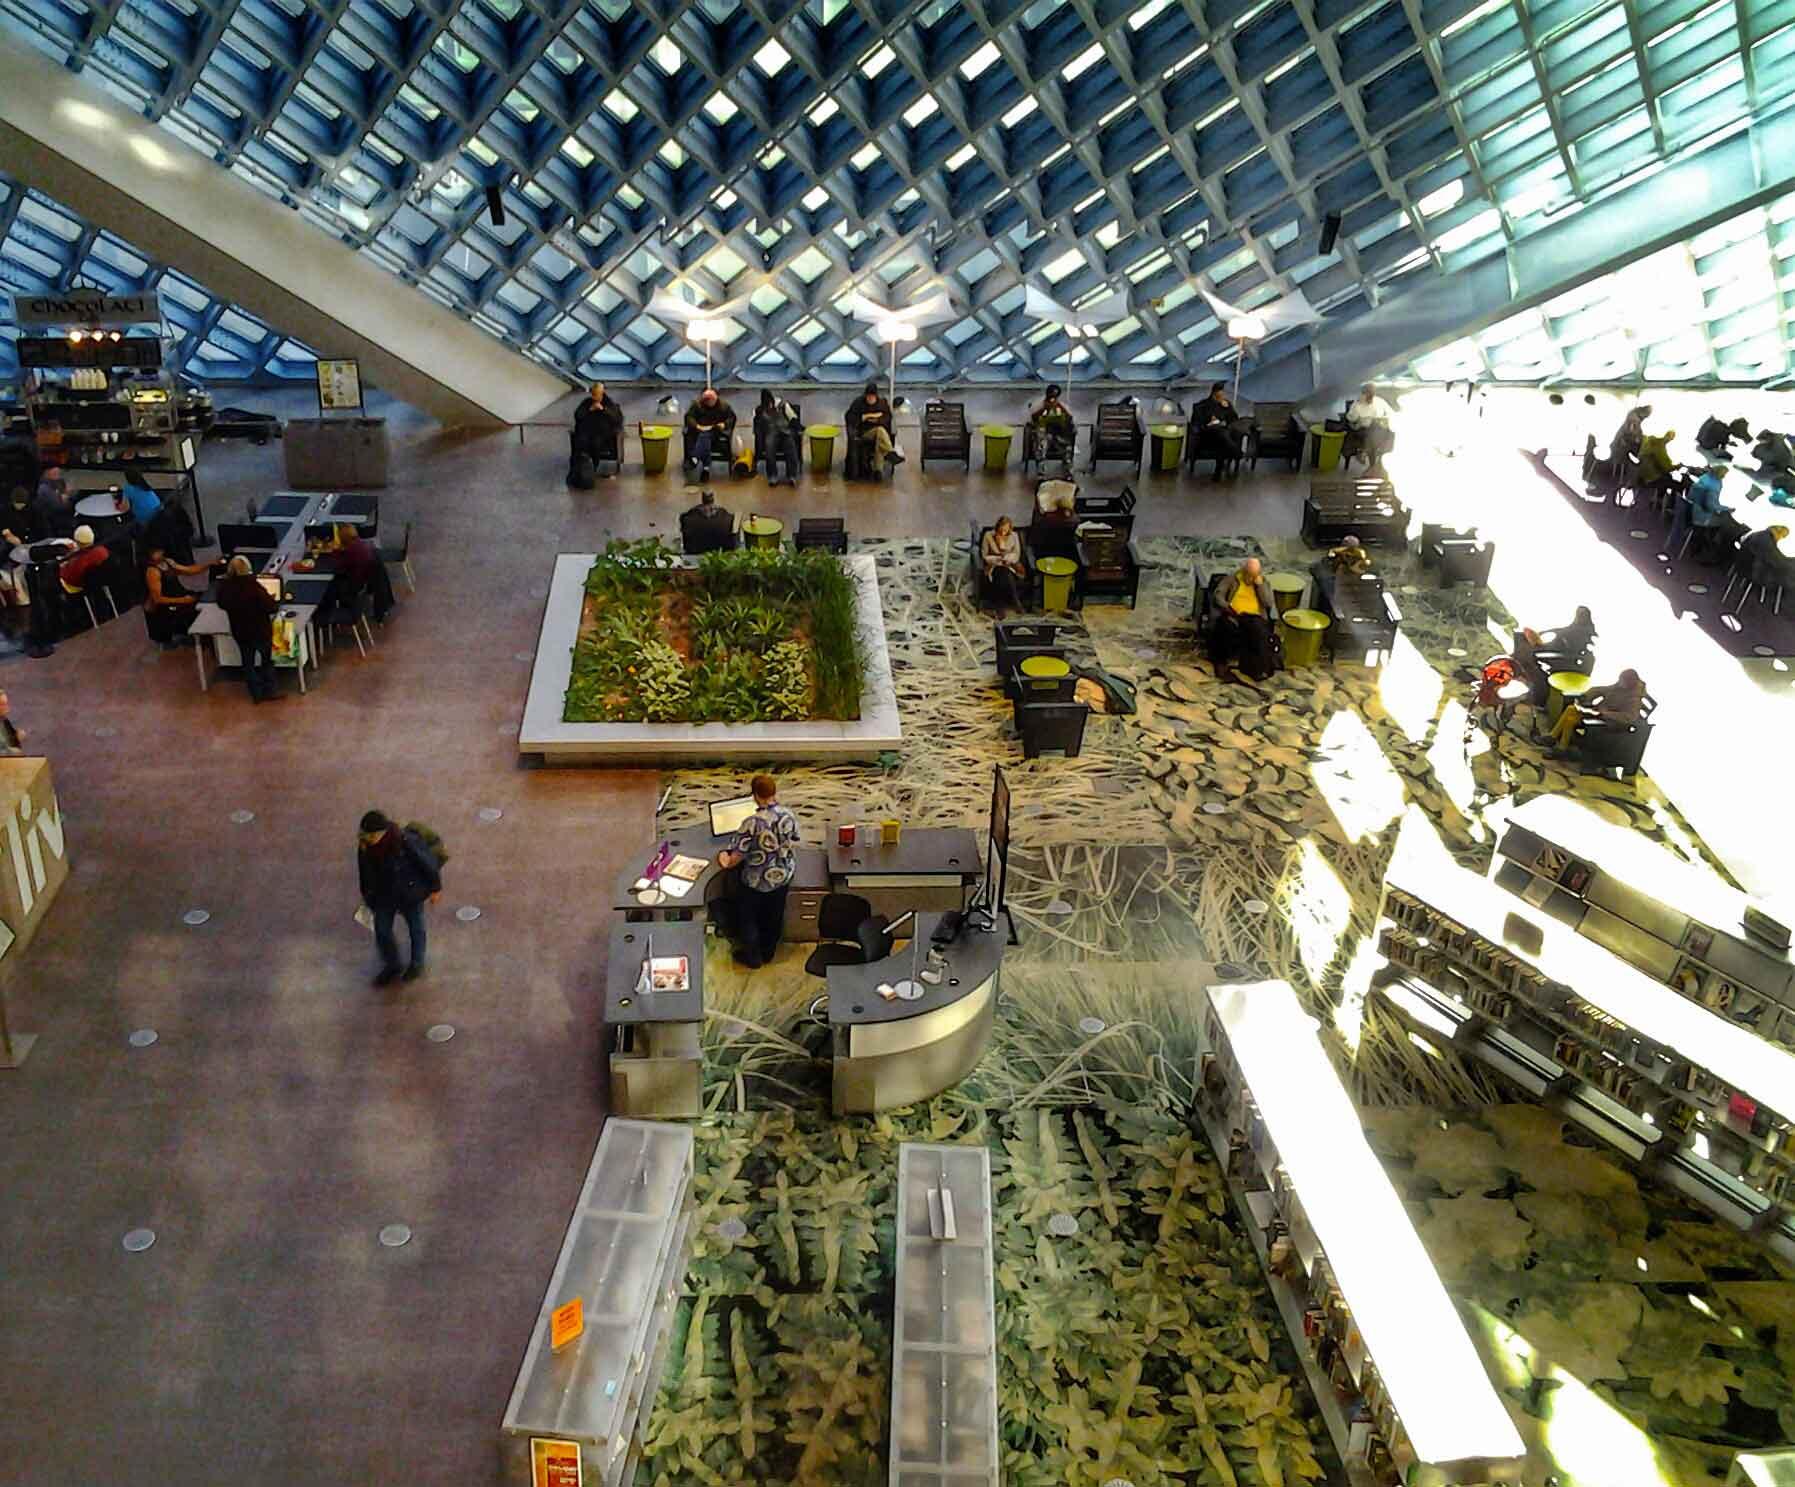 Biblioteche da sogno  la Biblioteca centrale di Seattle